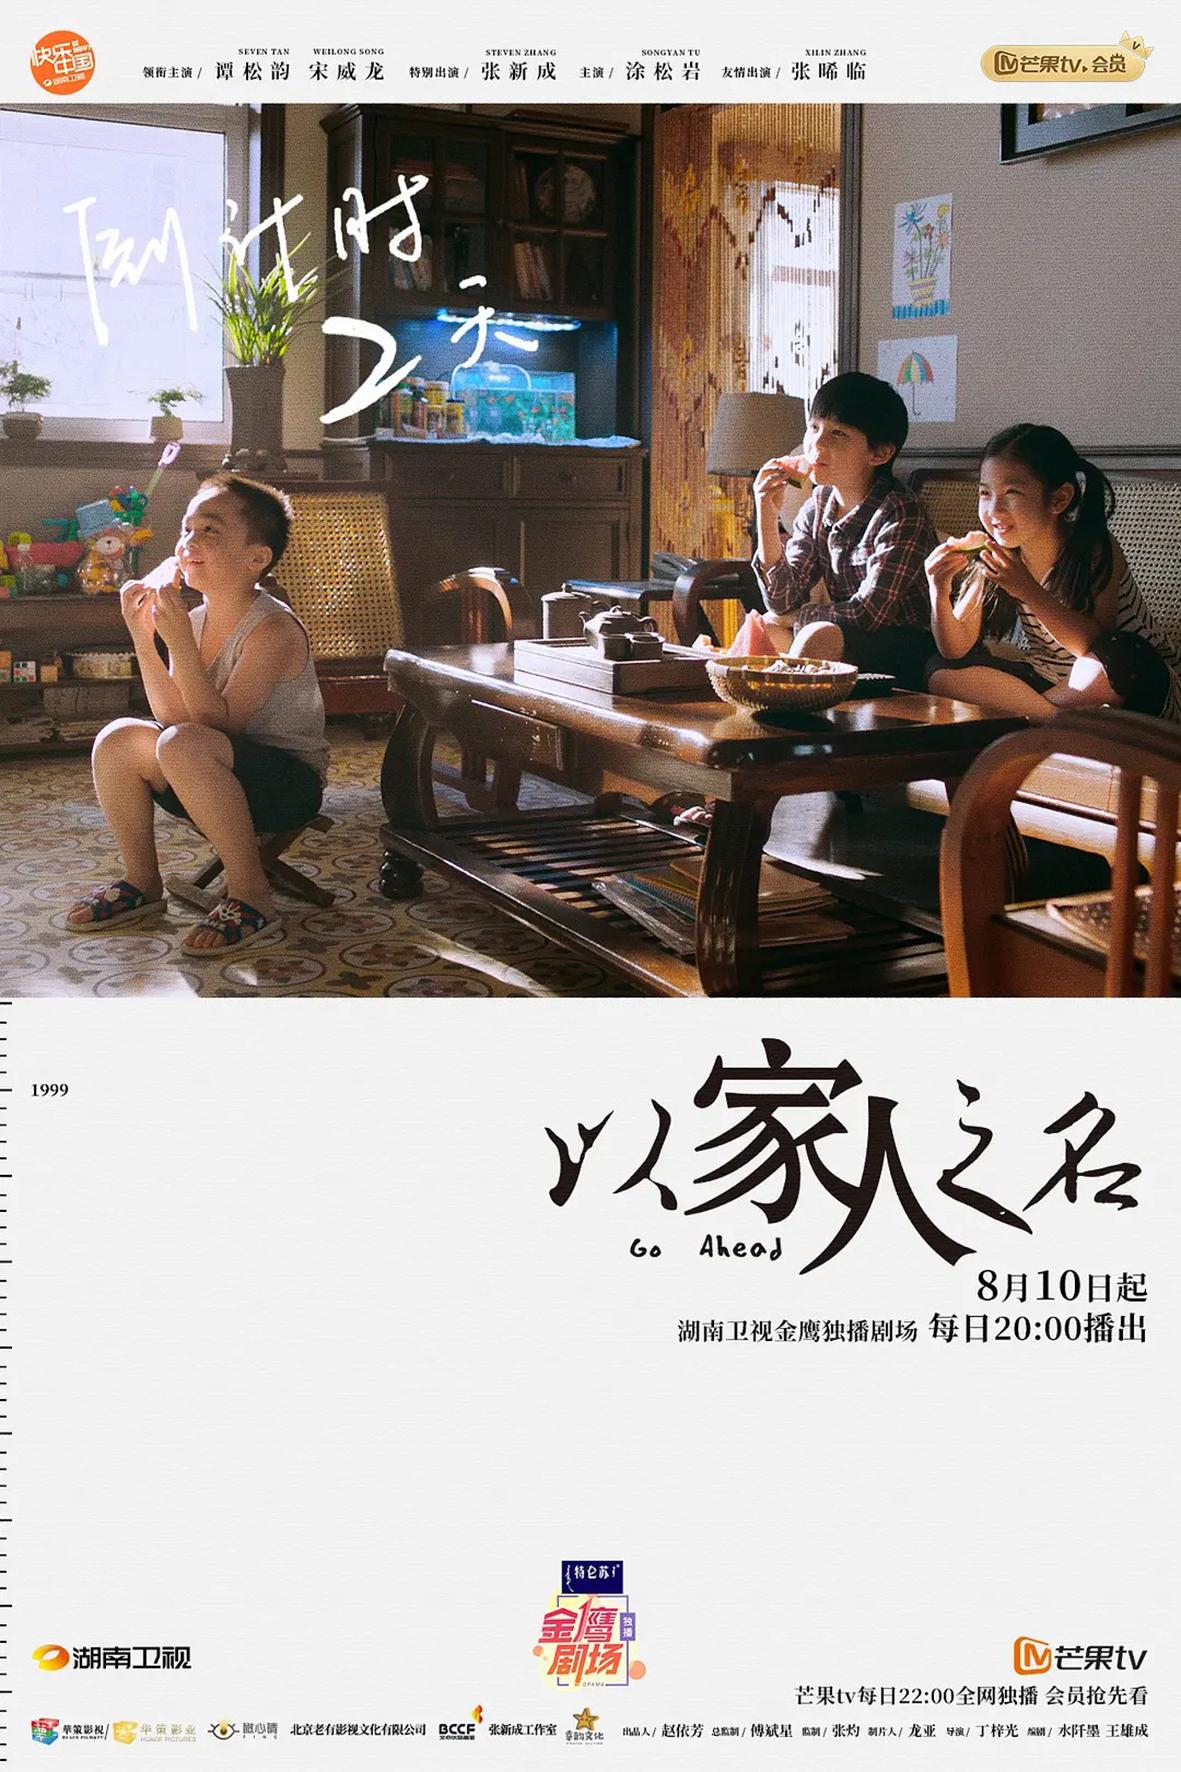 官方海報-主角三人童年款